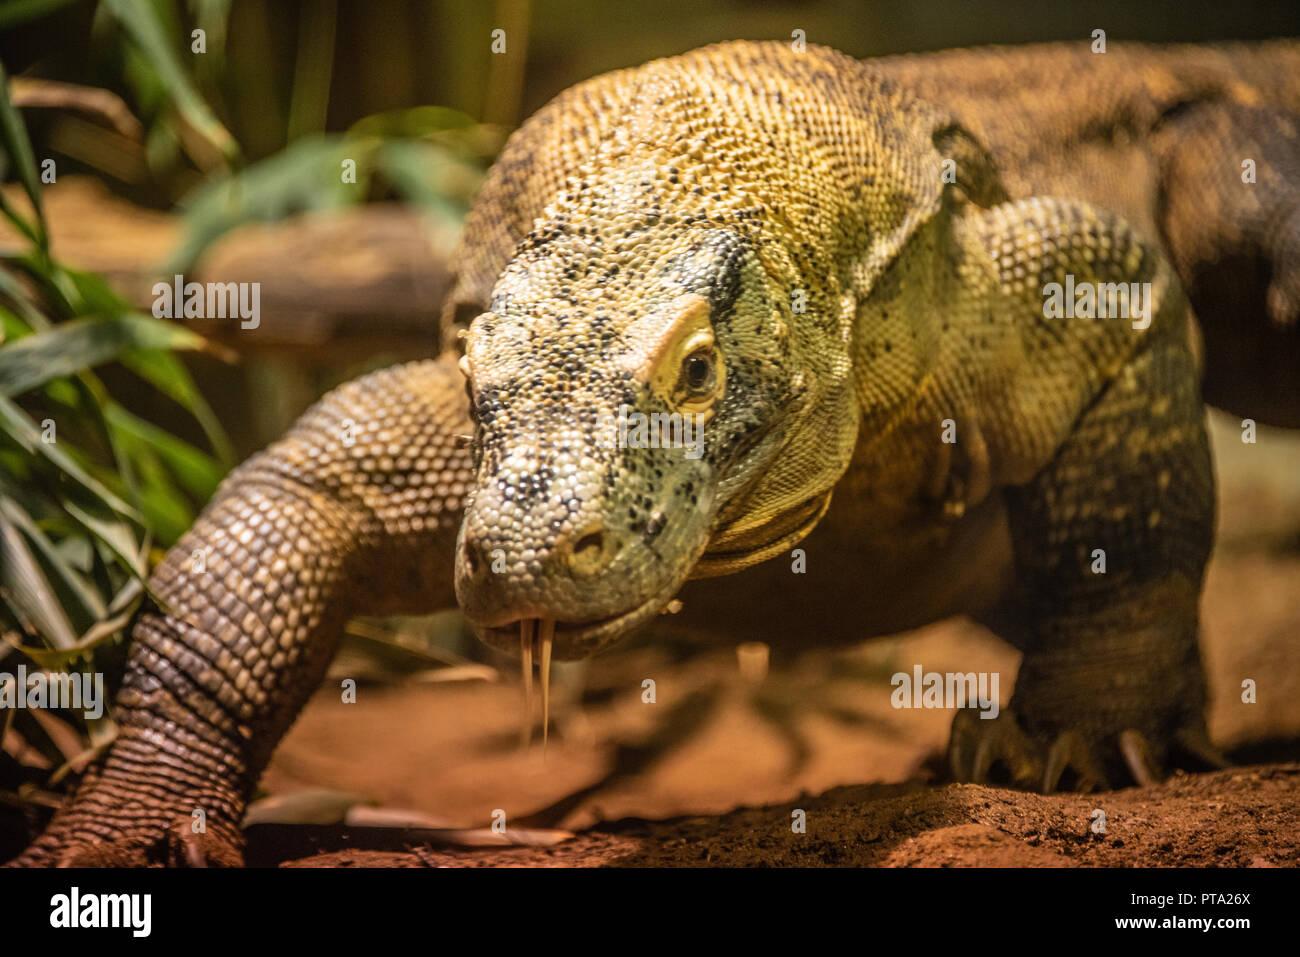 Acercando el dragón de Komodo (también conocido como un monitor de Komodo) en el zoológico de Atlanta, cerca del centro de Atlanta, Georgia. (Ee.Uu.) Imagen De Stock